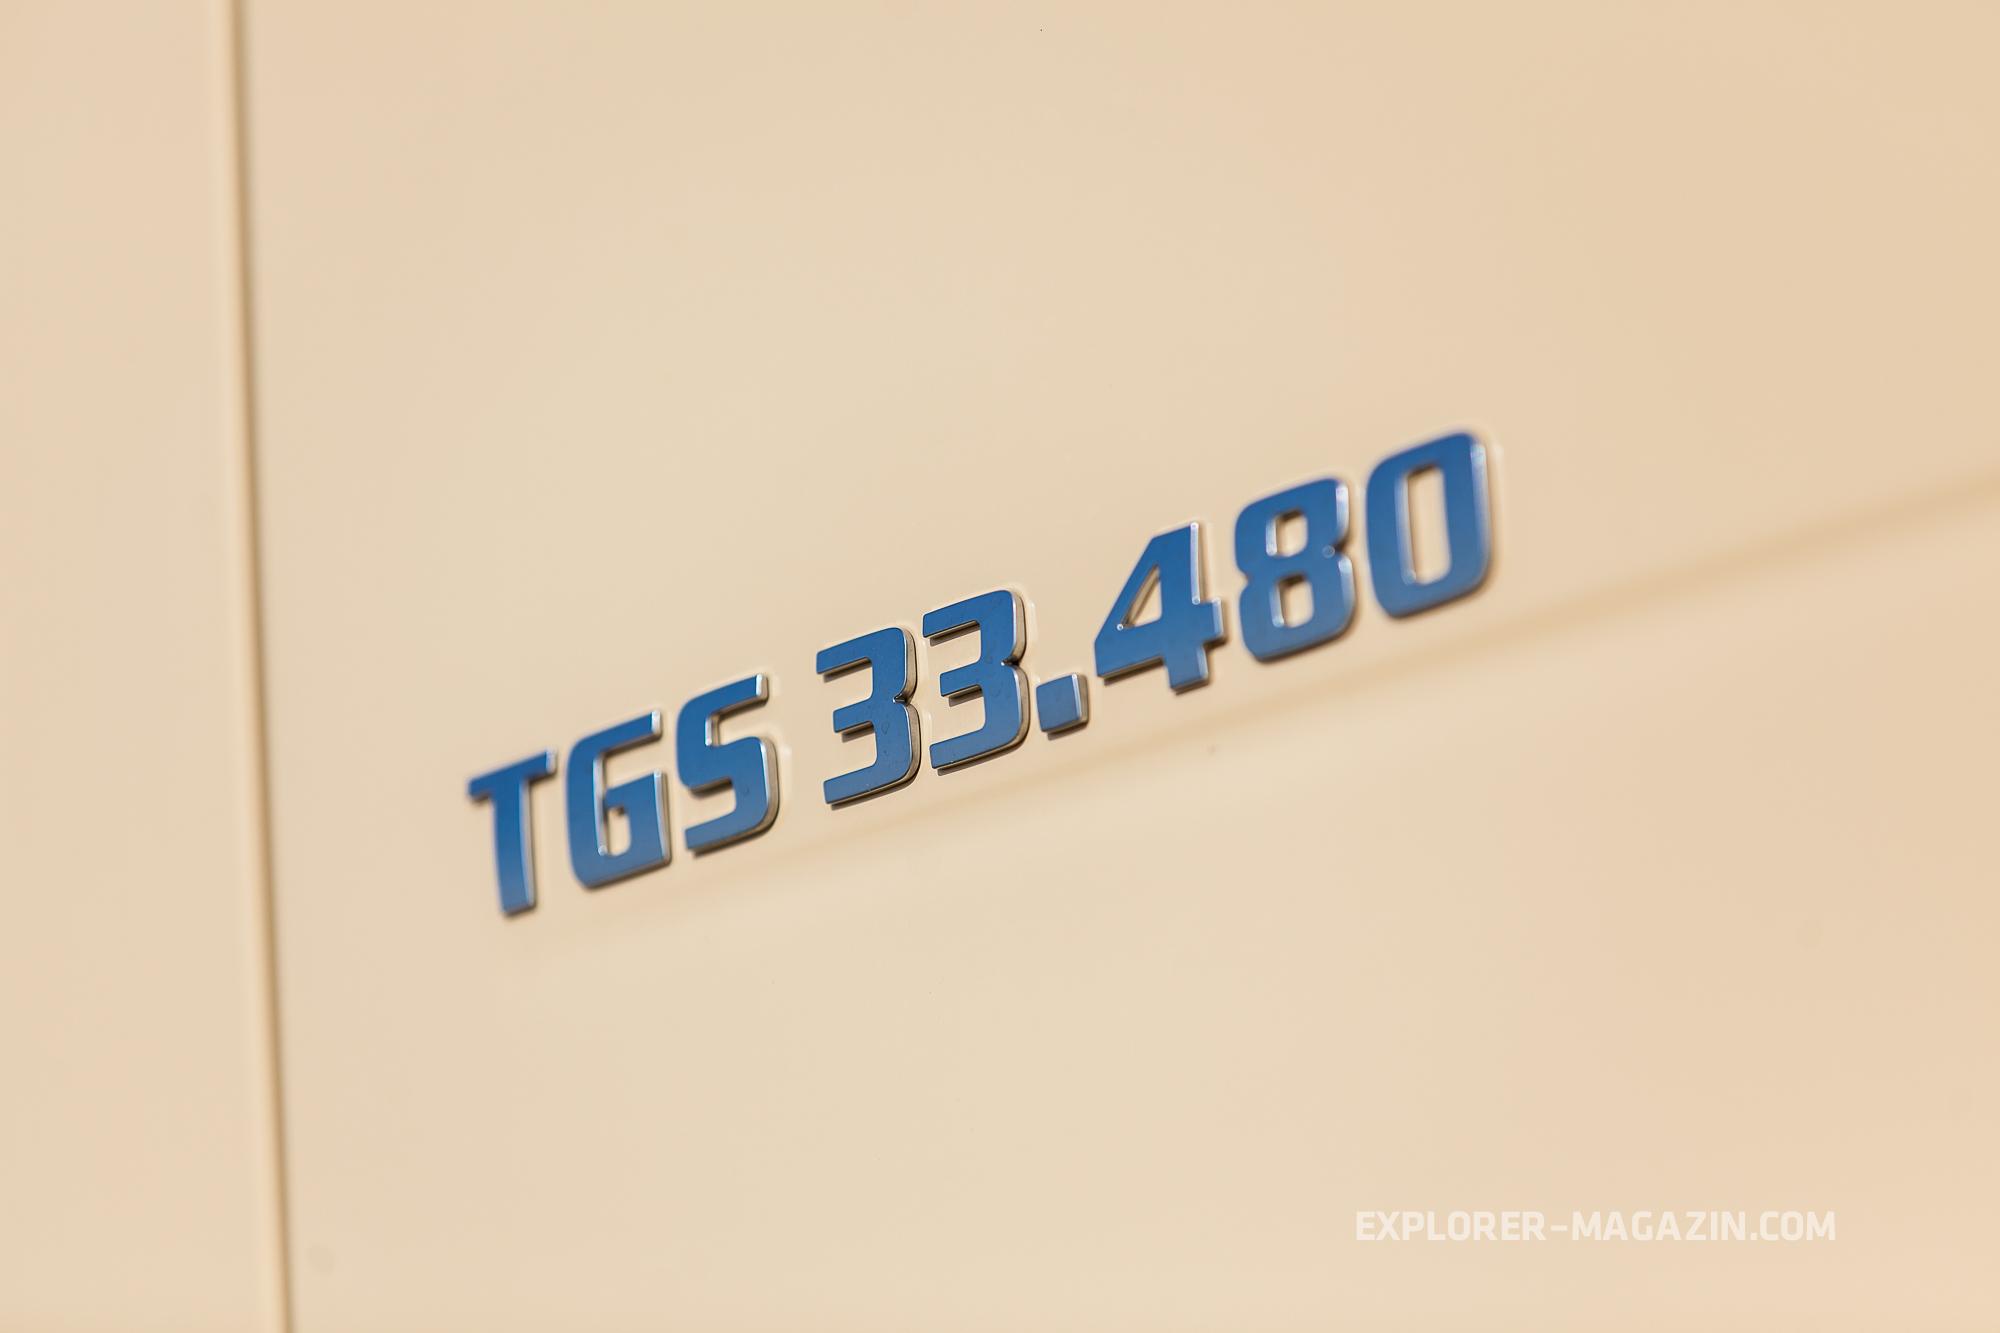 MAN TGS 6x6